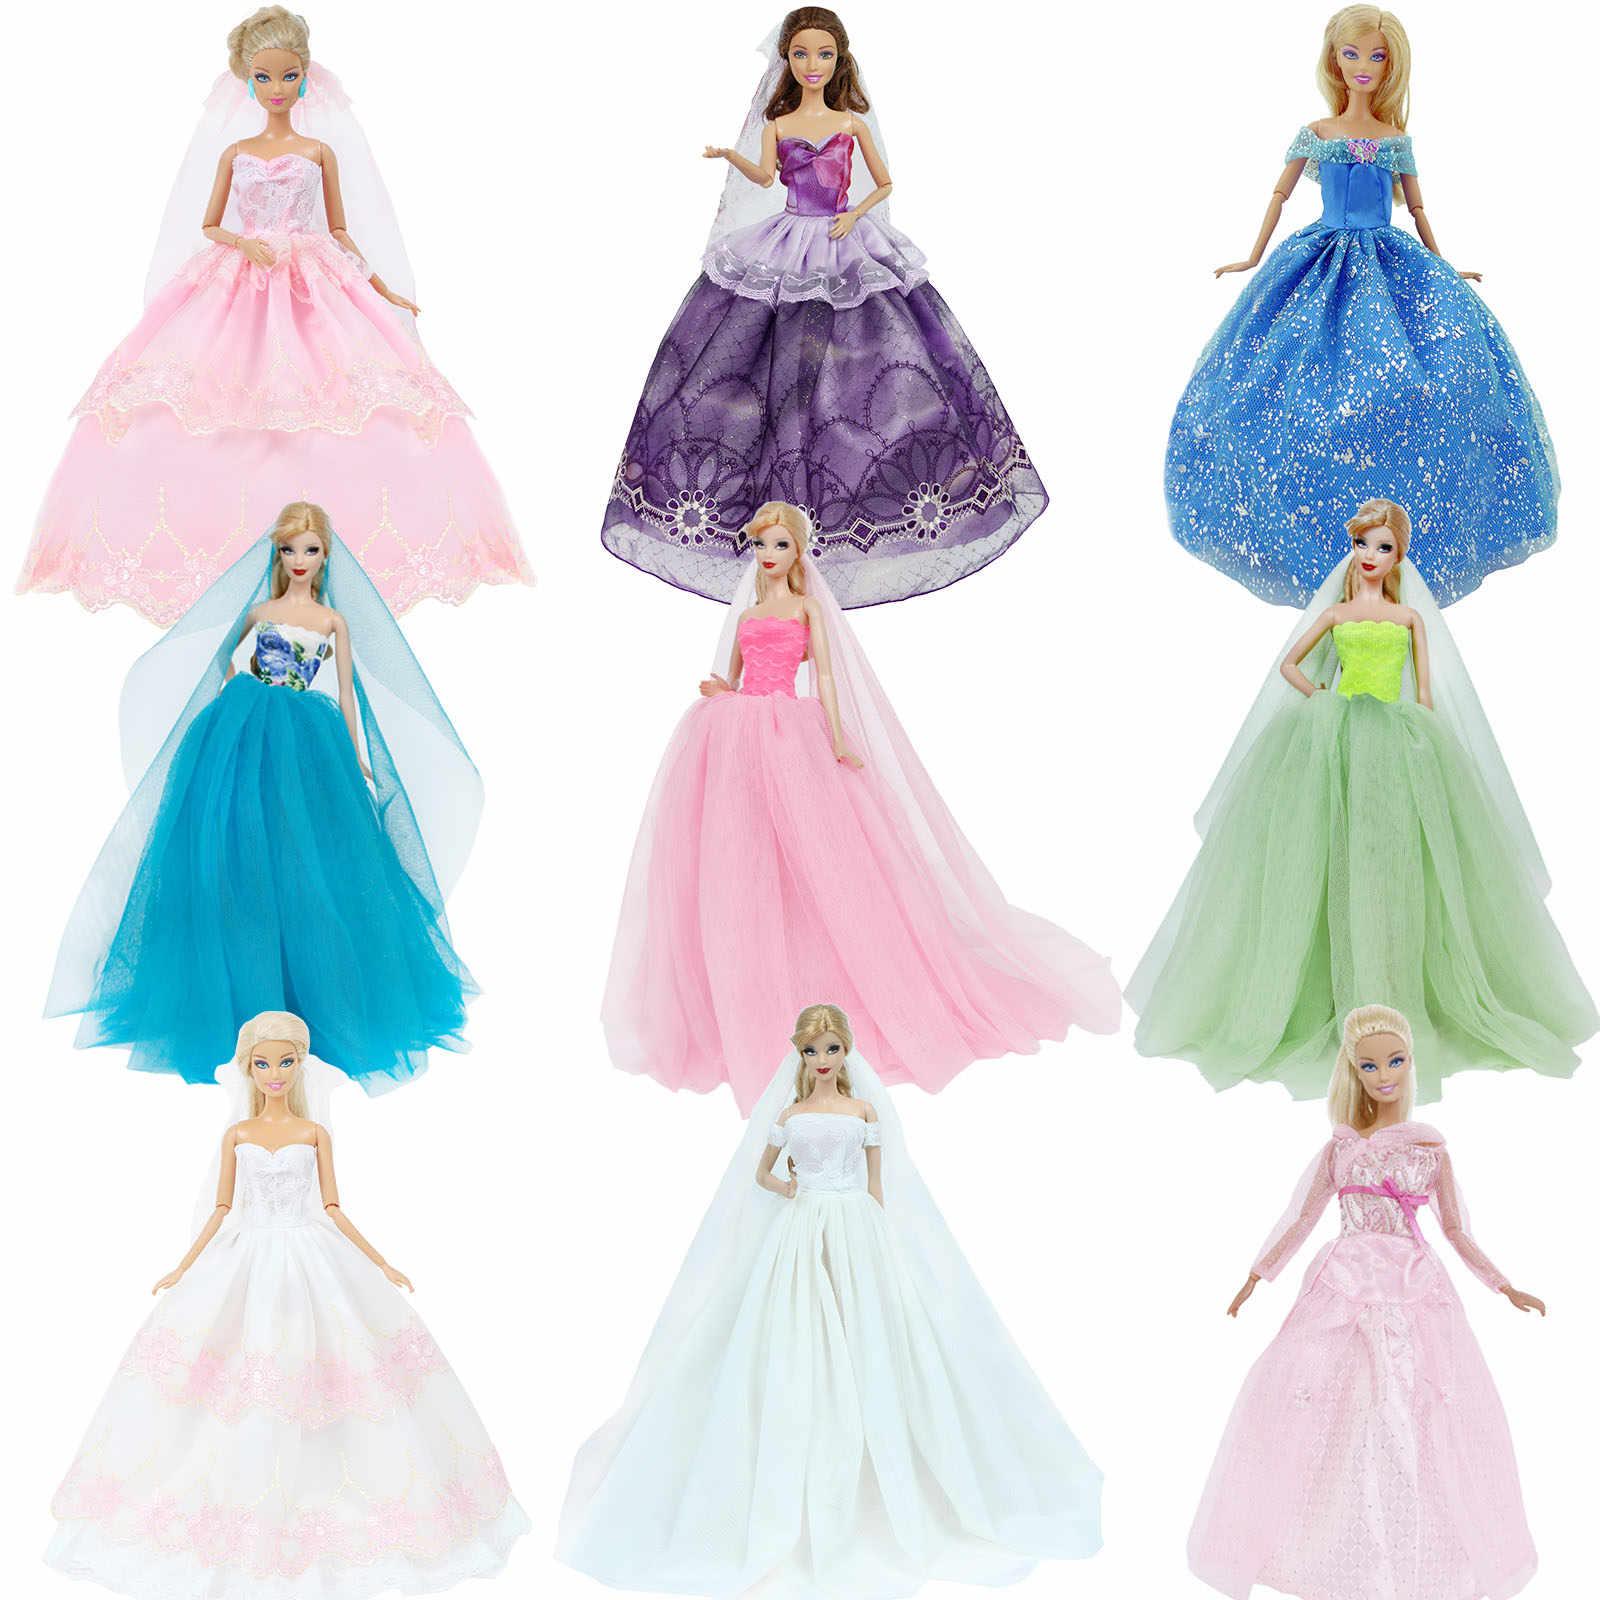 Handgemachte Hochzeit Kleid Prinzessin Abend Party Ball Lange Kleid Rock  Braut Schleier Kleidung Für Barbie Puppe Zubehör weihnachten DIY Spielzeug